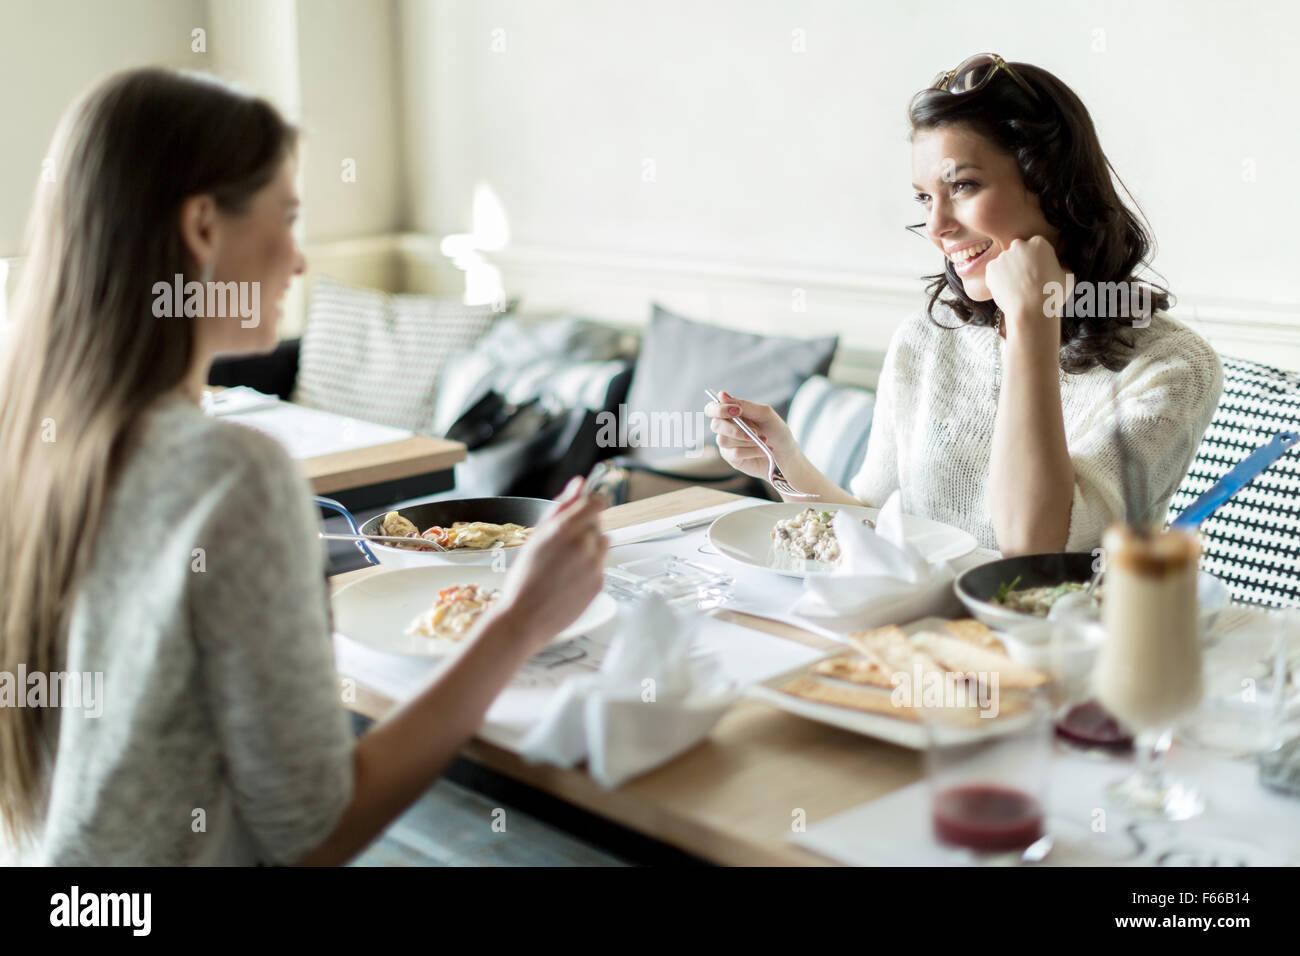 Due belle giovani donne a mangiare in un ristorante durante una conversazione Immagini Stock